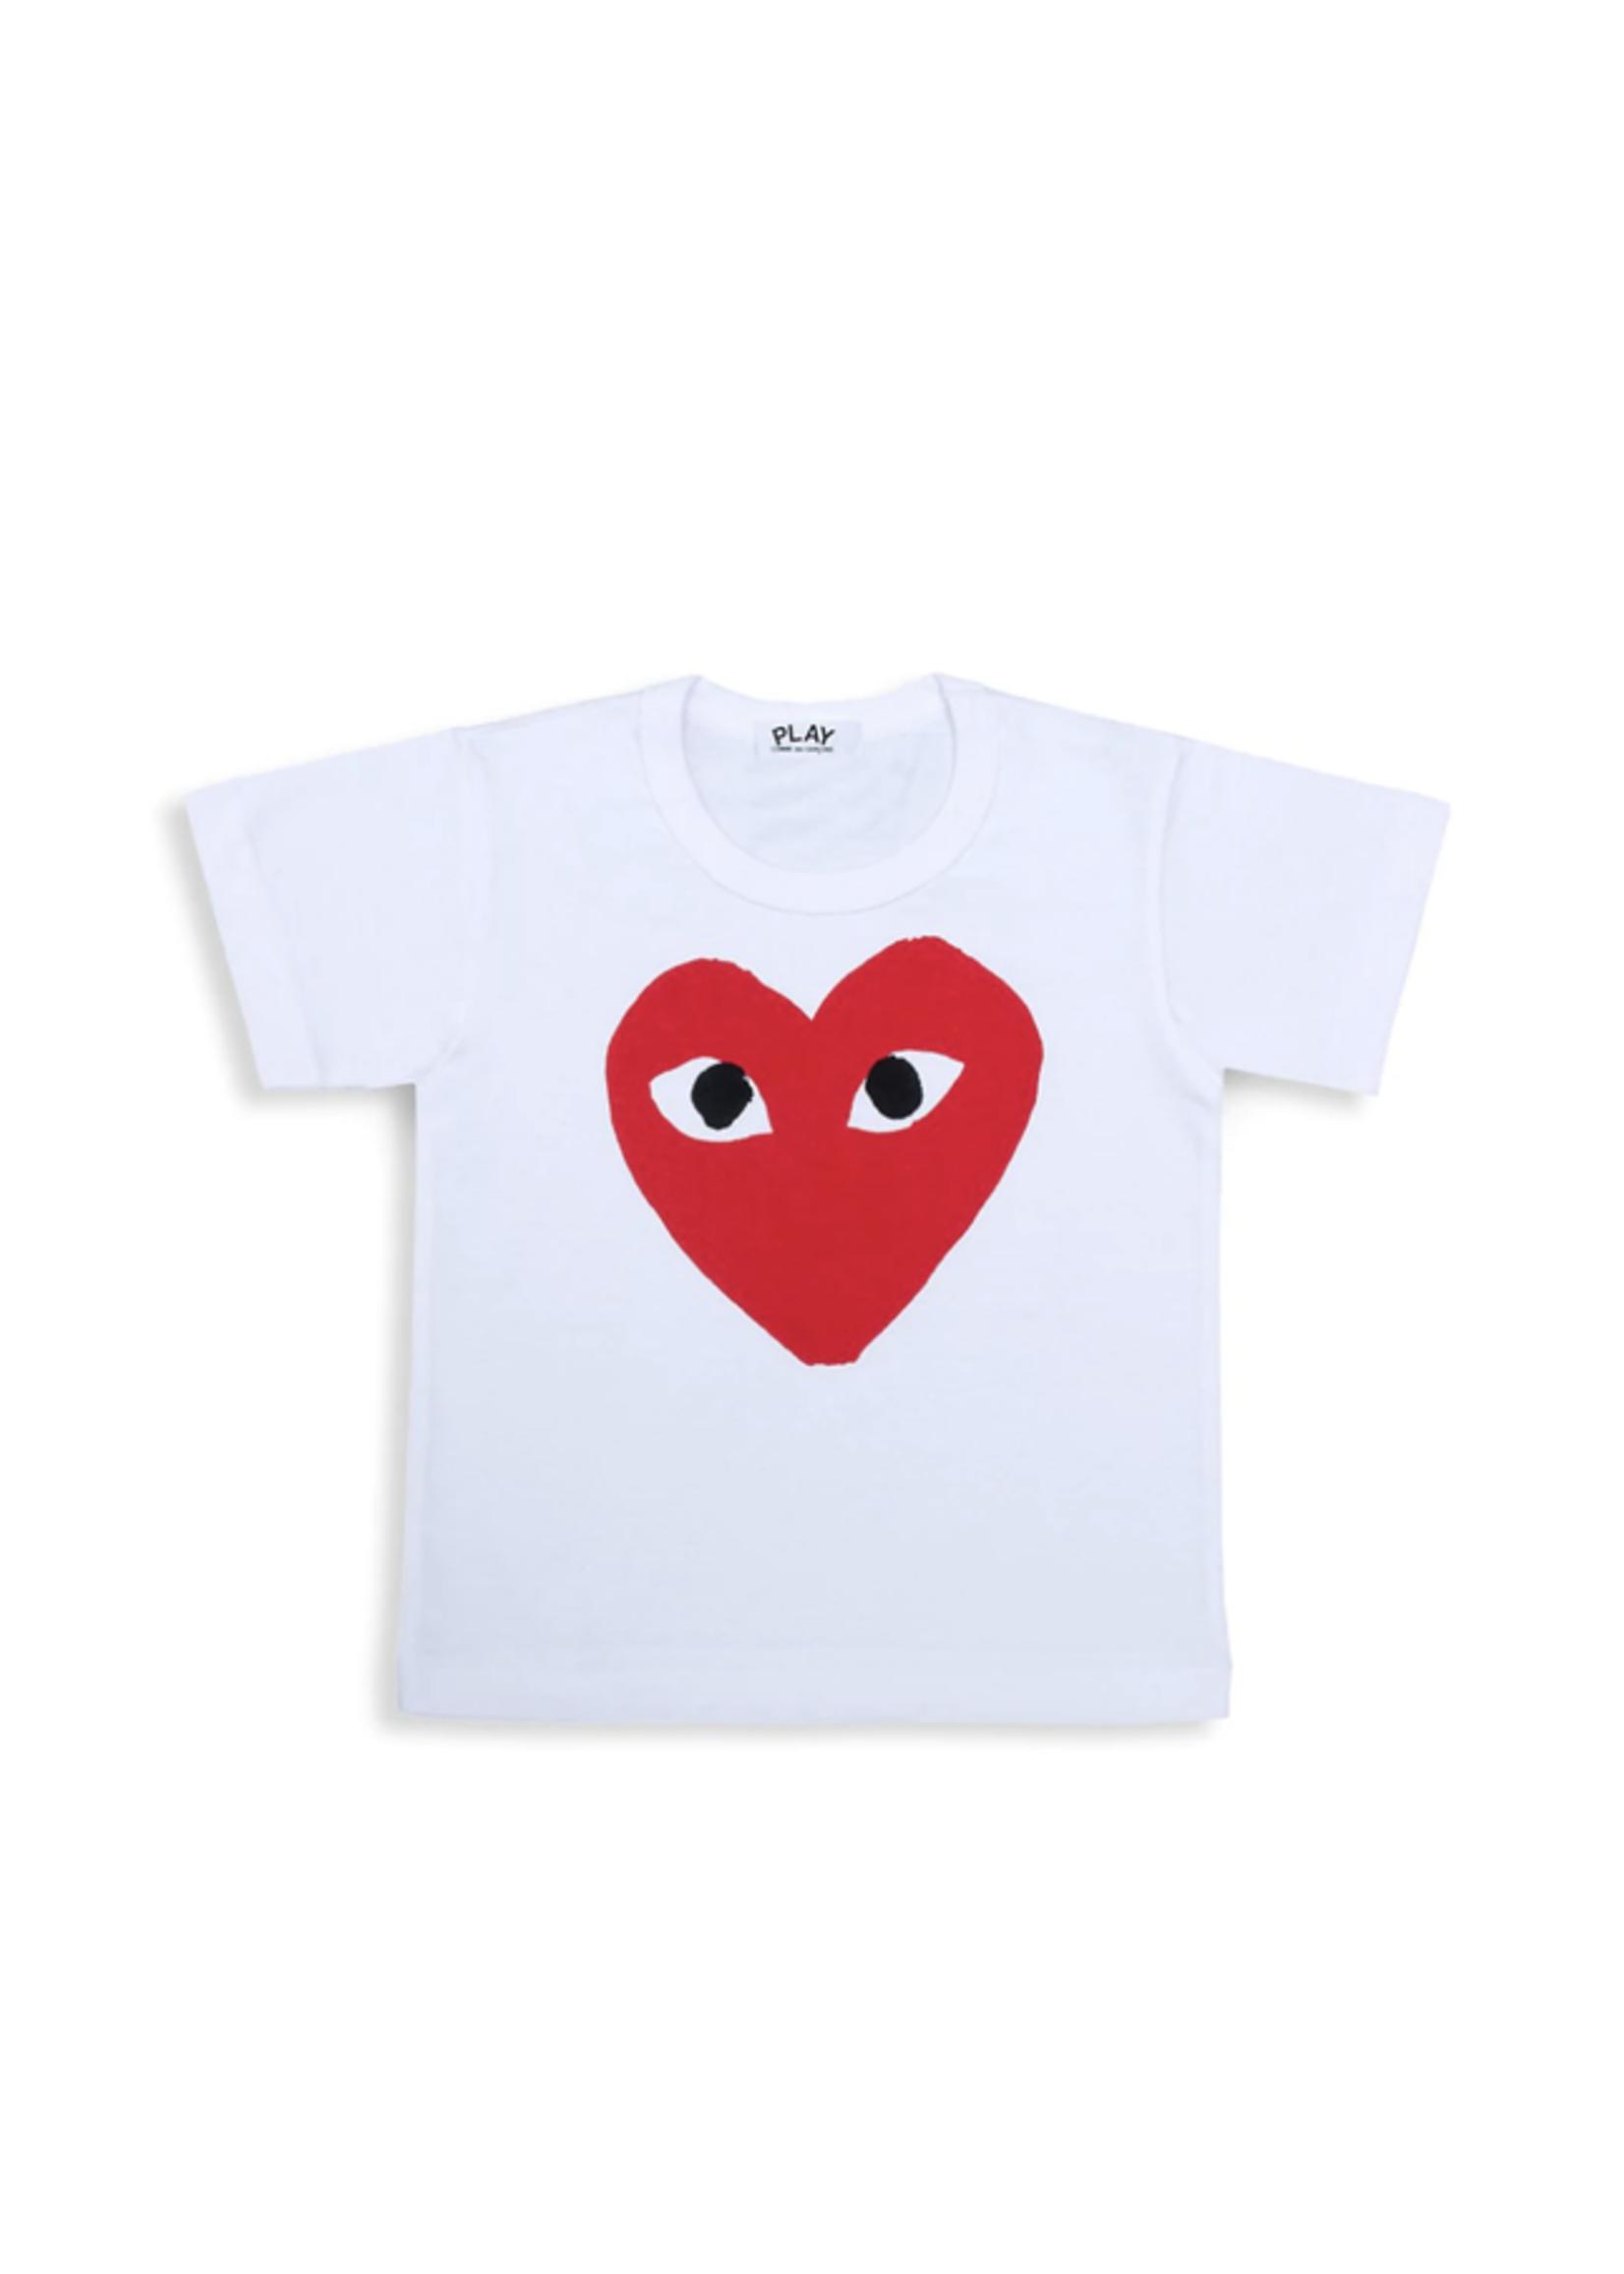 COMME des GARÇONS PLAY Comme des Garçons PLAY Kids T-shirt